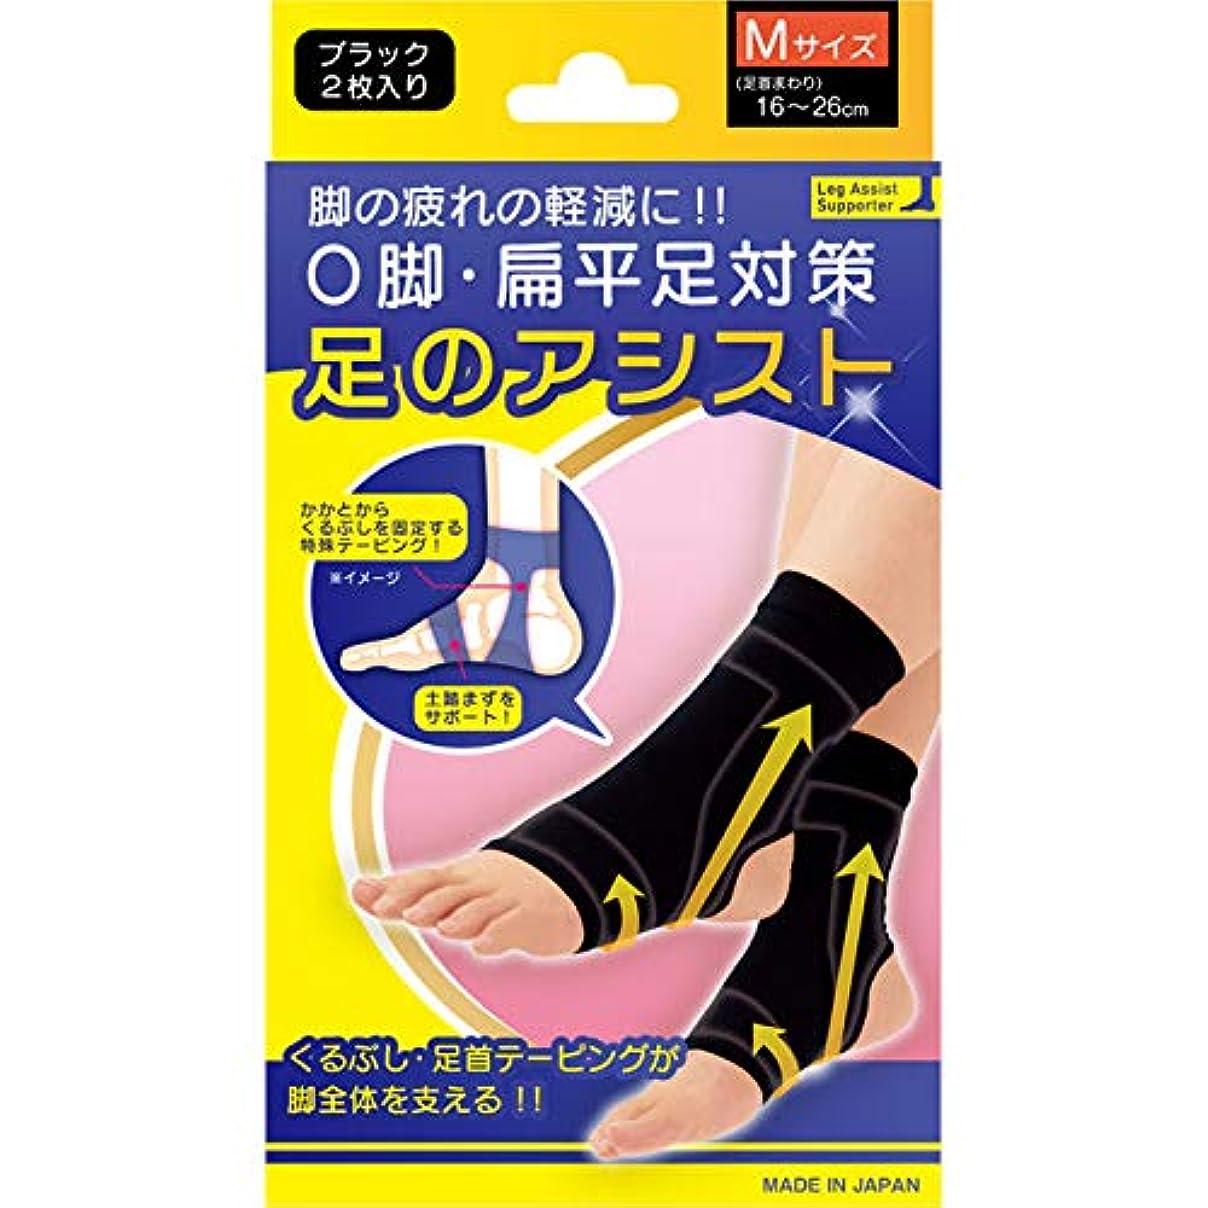 心理学スイス人自分自身美脚足のアシスト ブラック 2枚入り Mサイズ(足首まわり16~26cm)